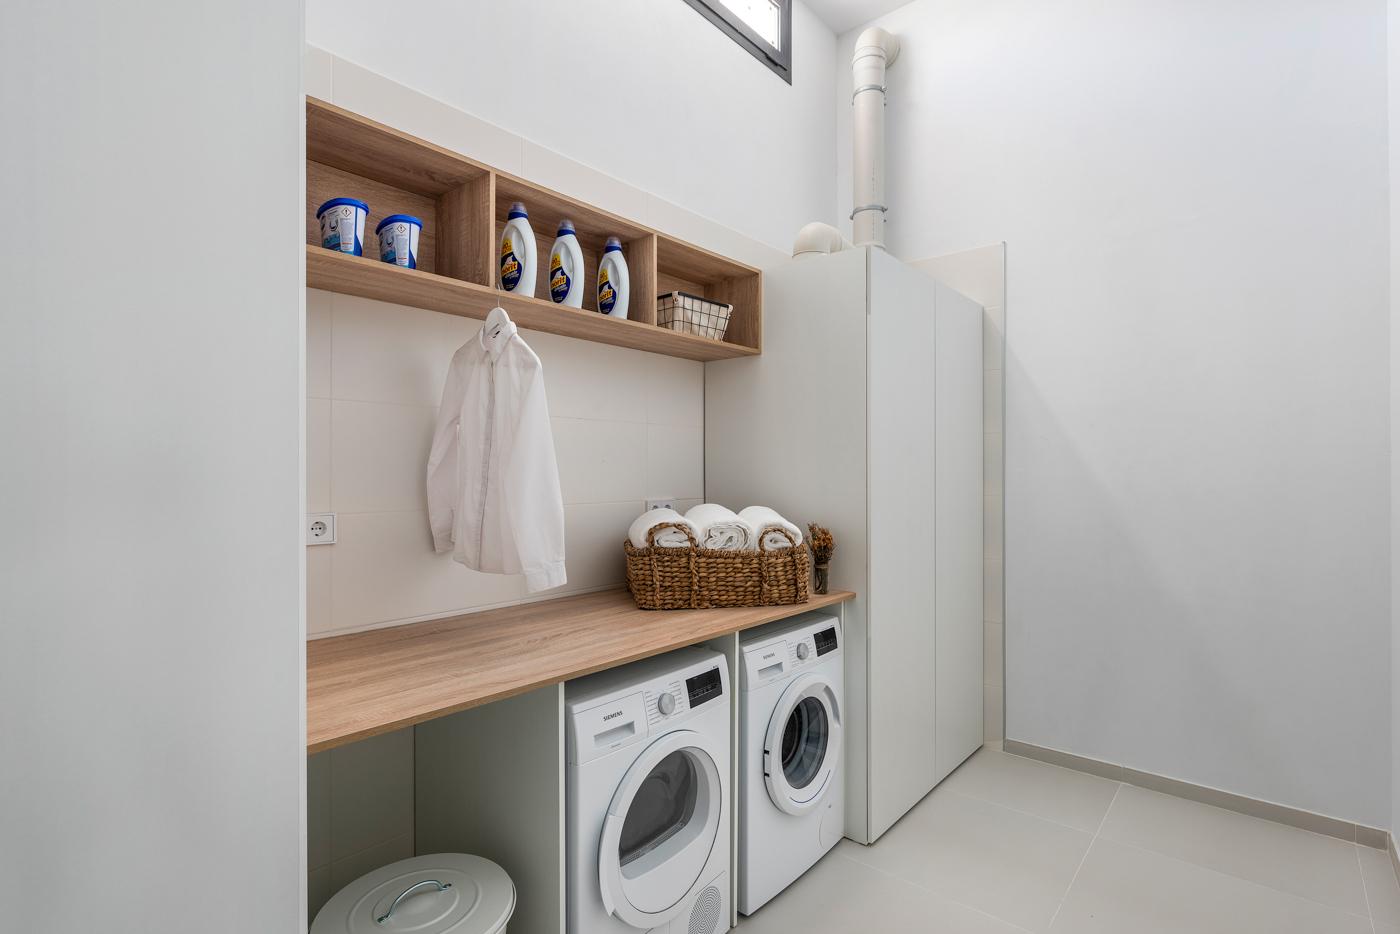 51 - Venecia III - Laundry room